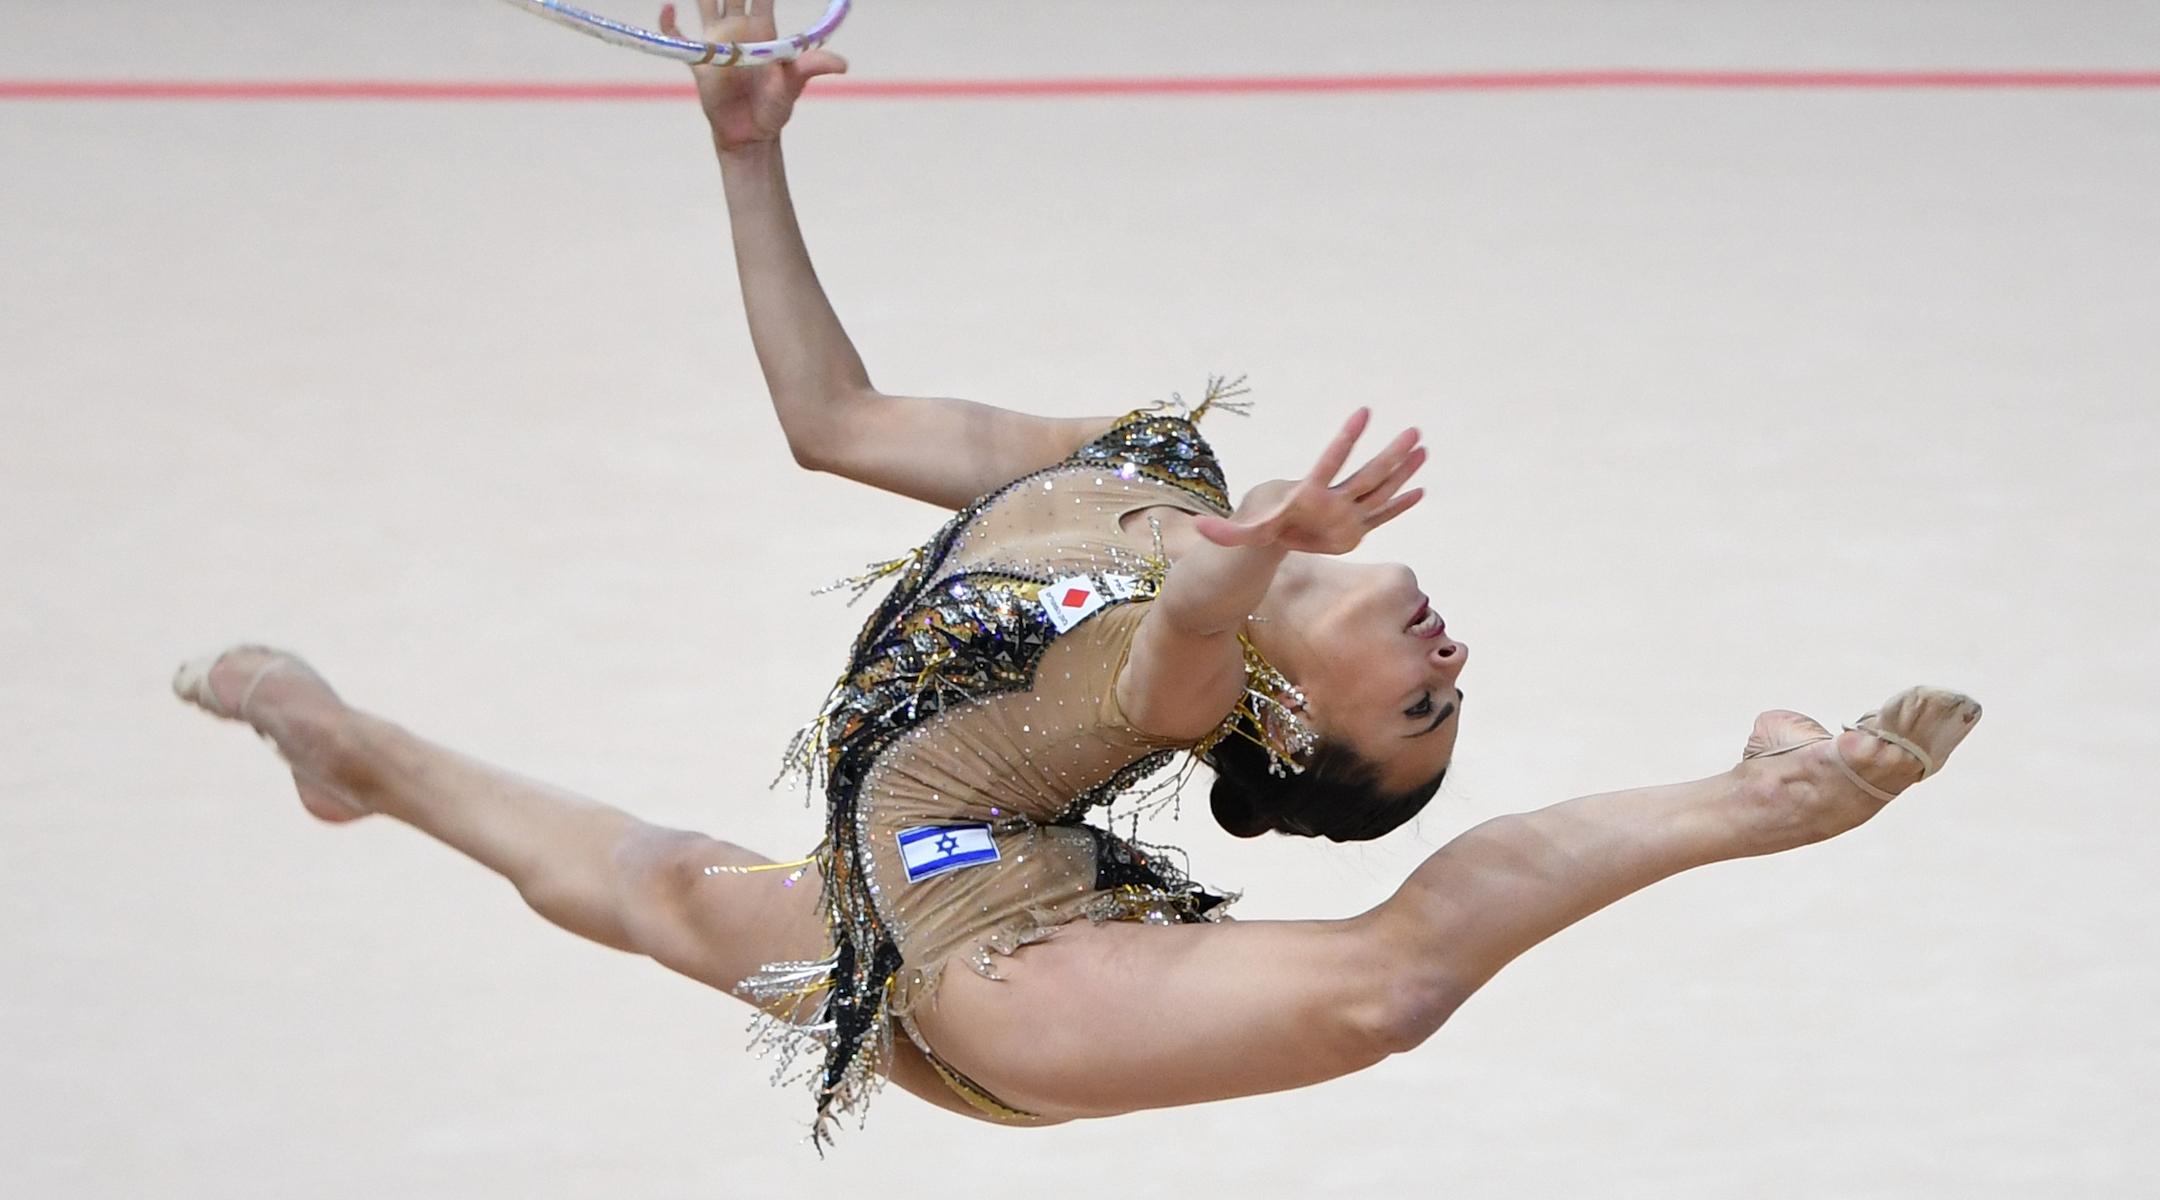 Israeli gymnast Linoy Ashram